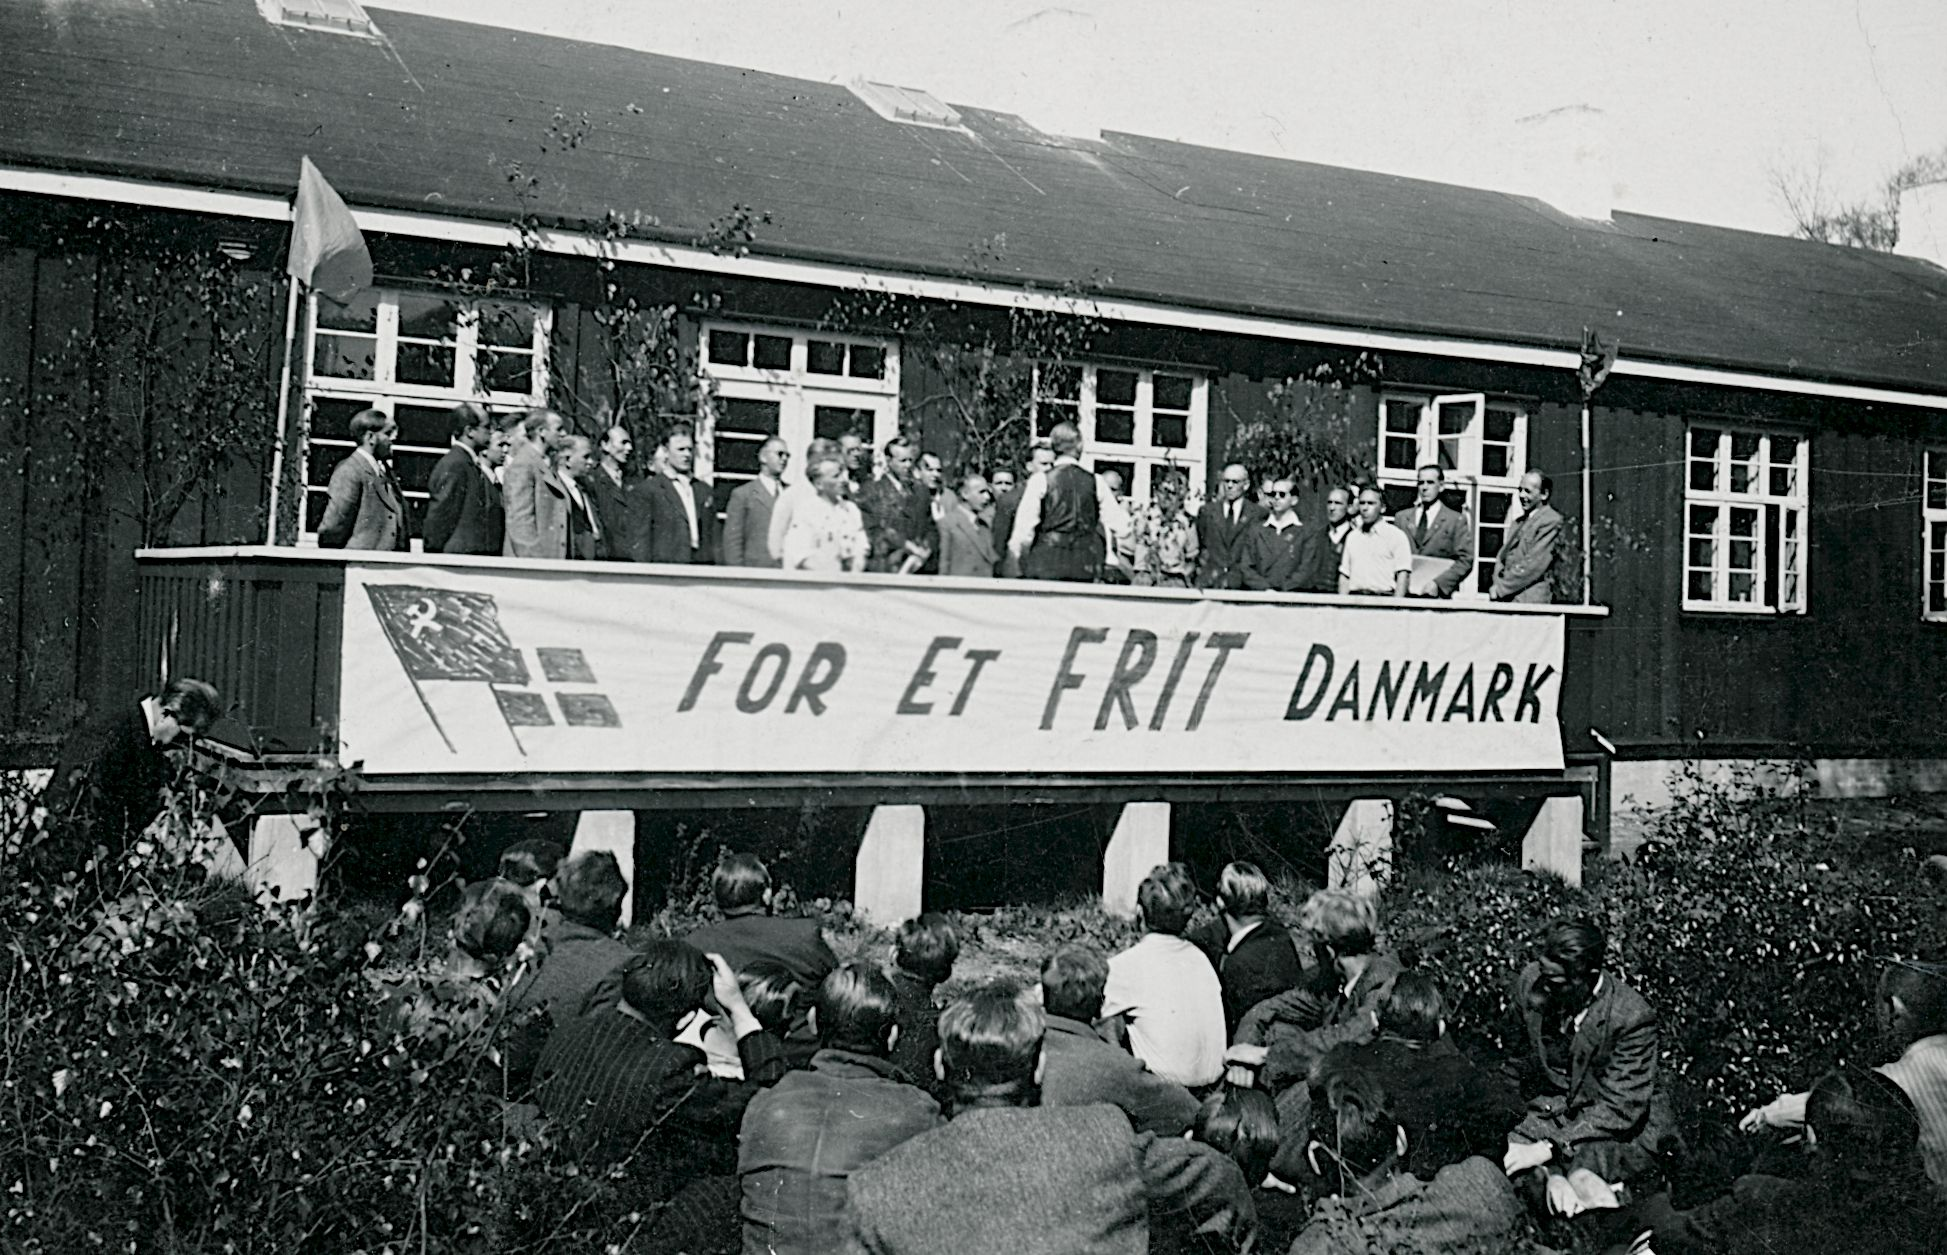 Anders Fogh beklager kommunistlov under besættelsen